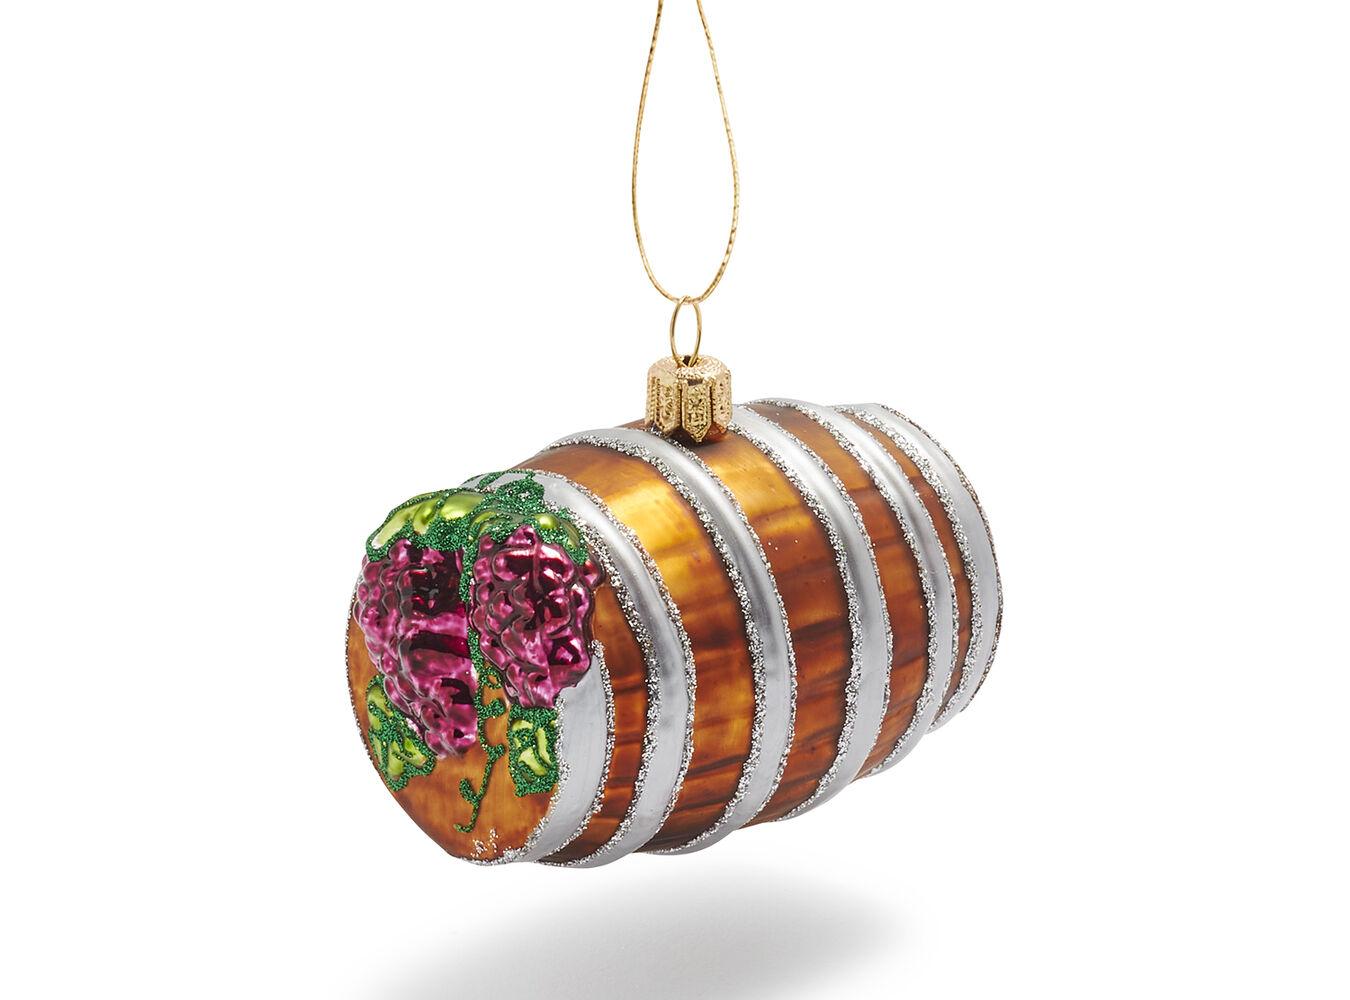 2010 Wine Barrel Glass Ornament   Sur La Table